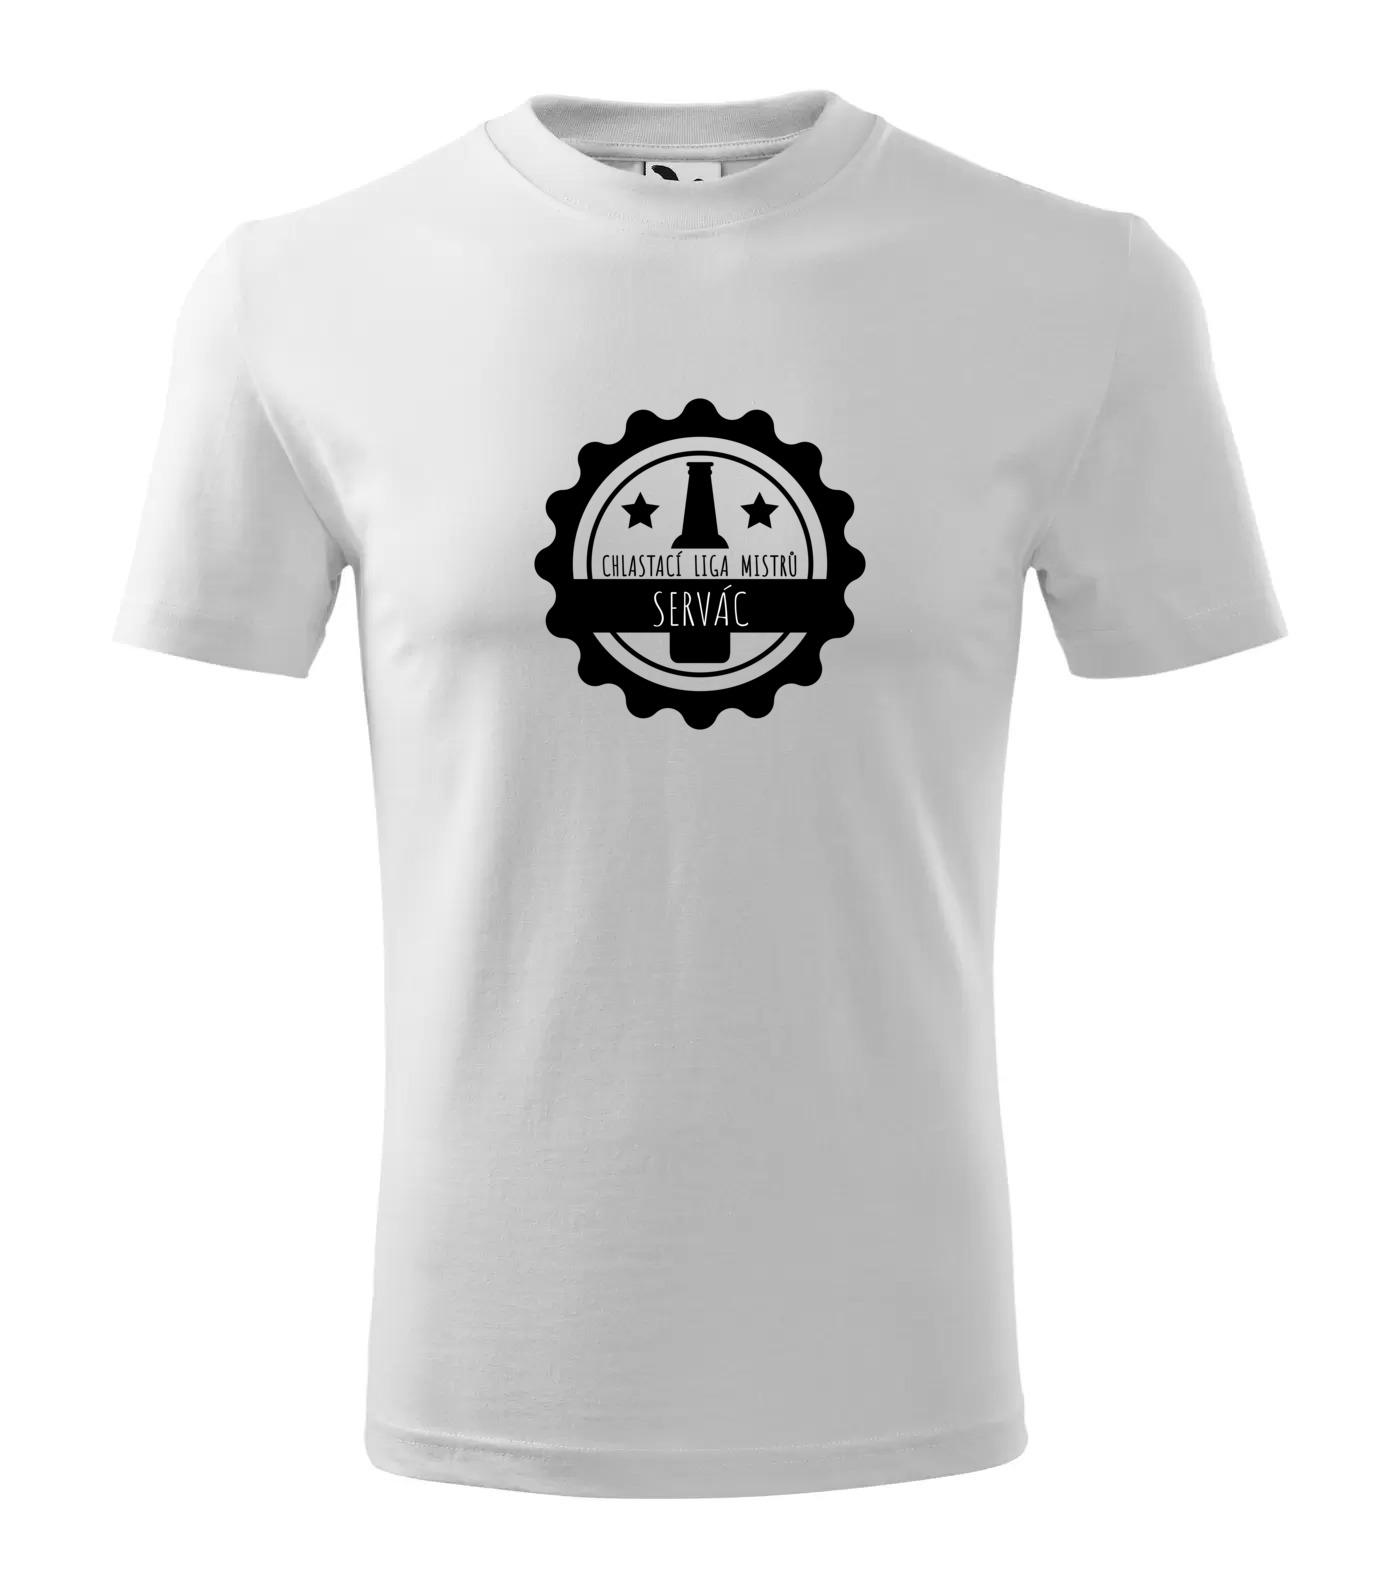 Tričko Chlastací liga mužů Servác